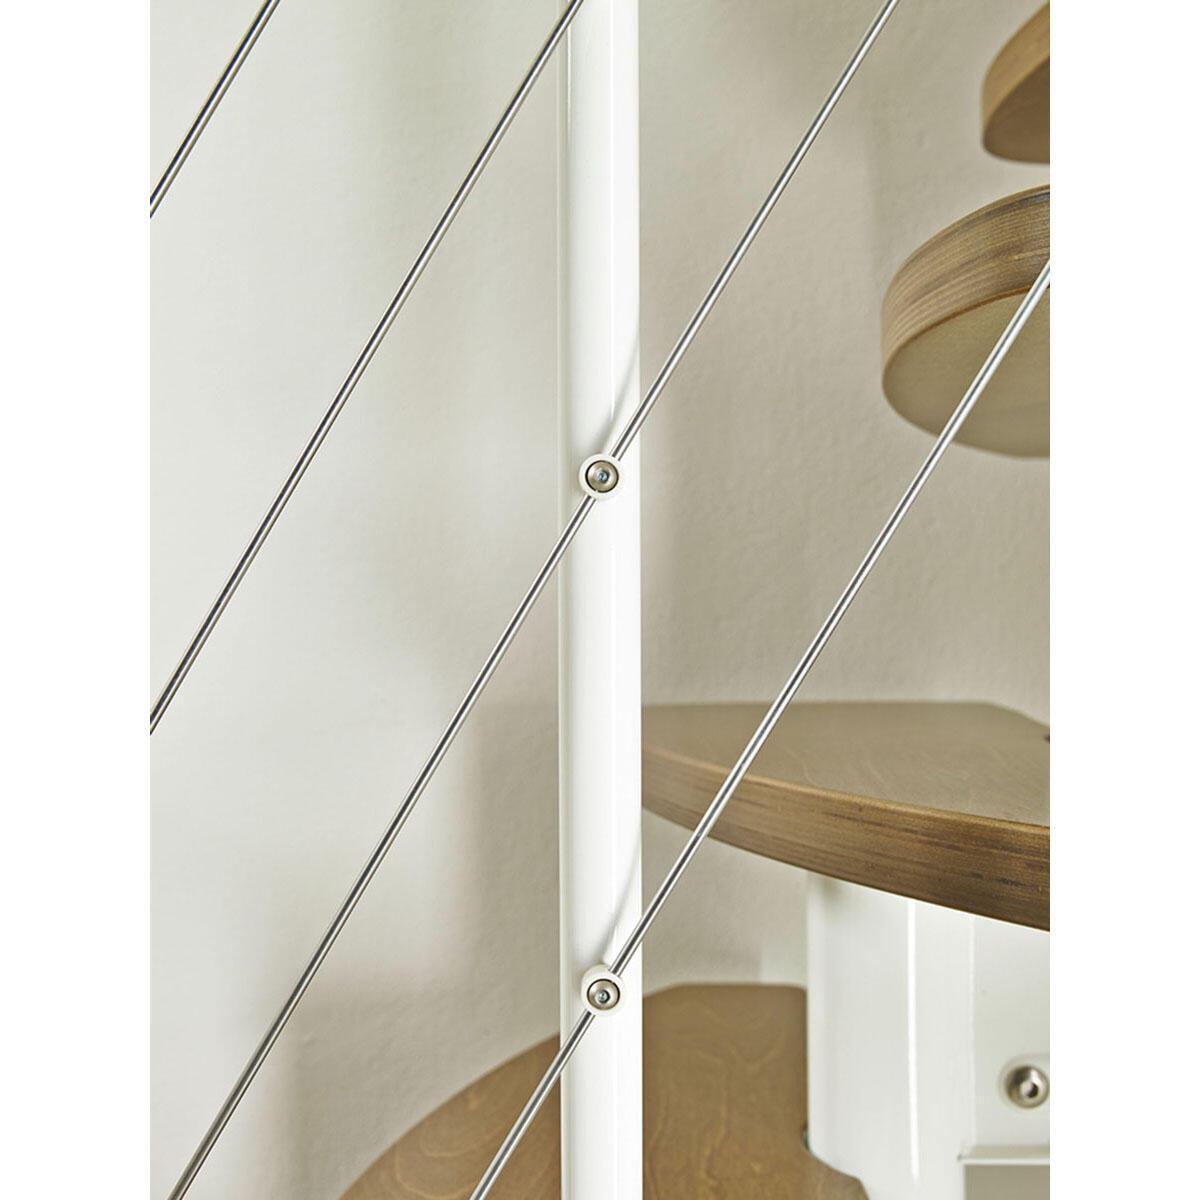 Scala salvaspazio dritto Zen FONTANOT L 59 cm, gradino betulla, struttura bianco - 8